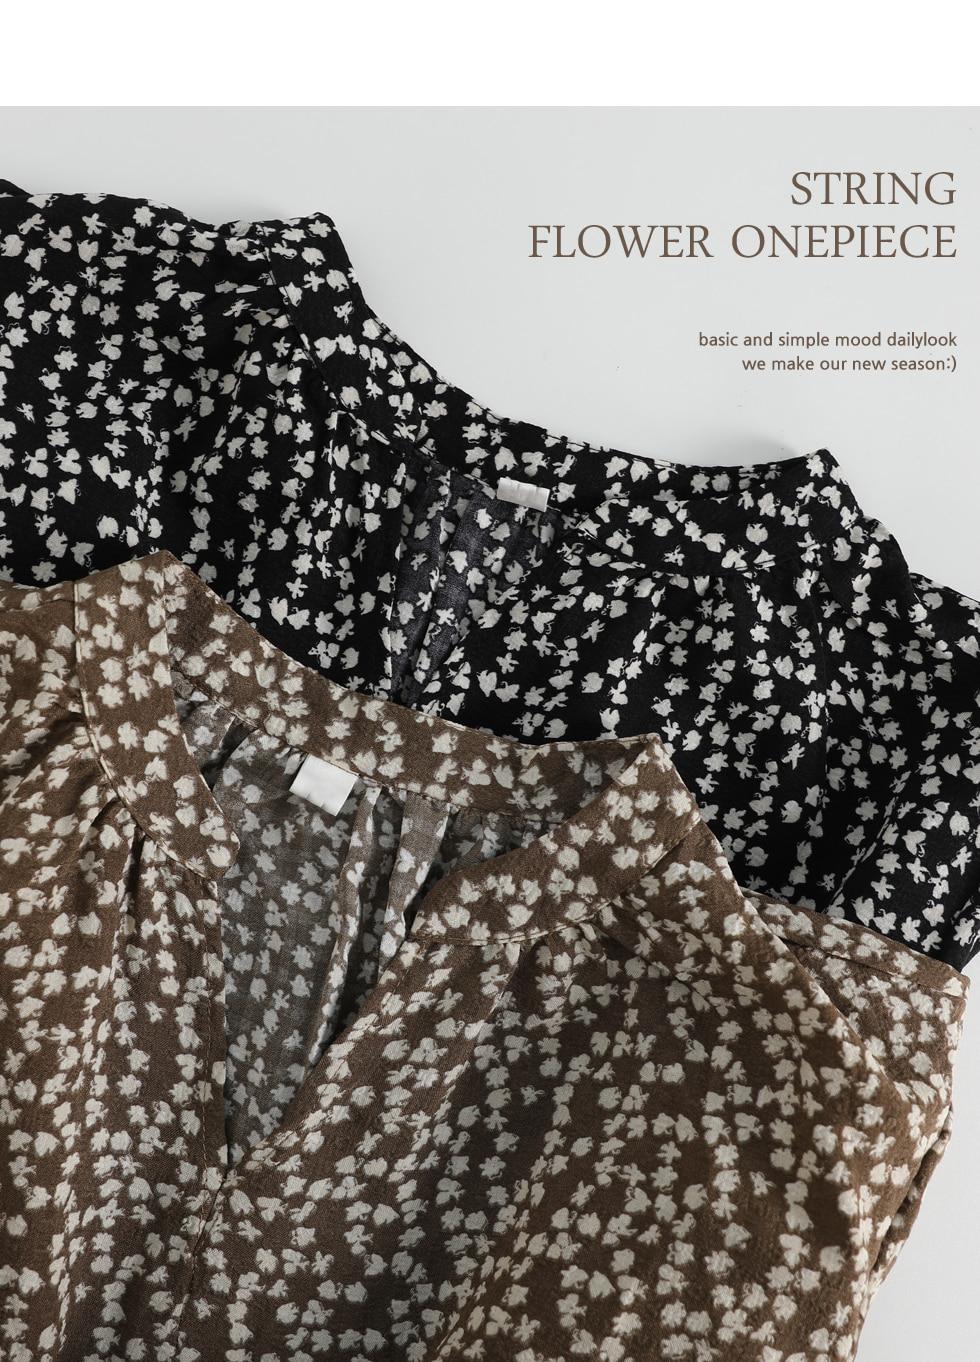 Ropple Fine Flower String One Piece